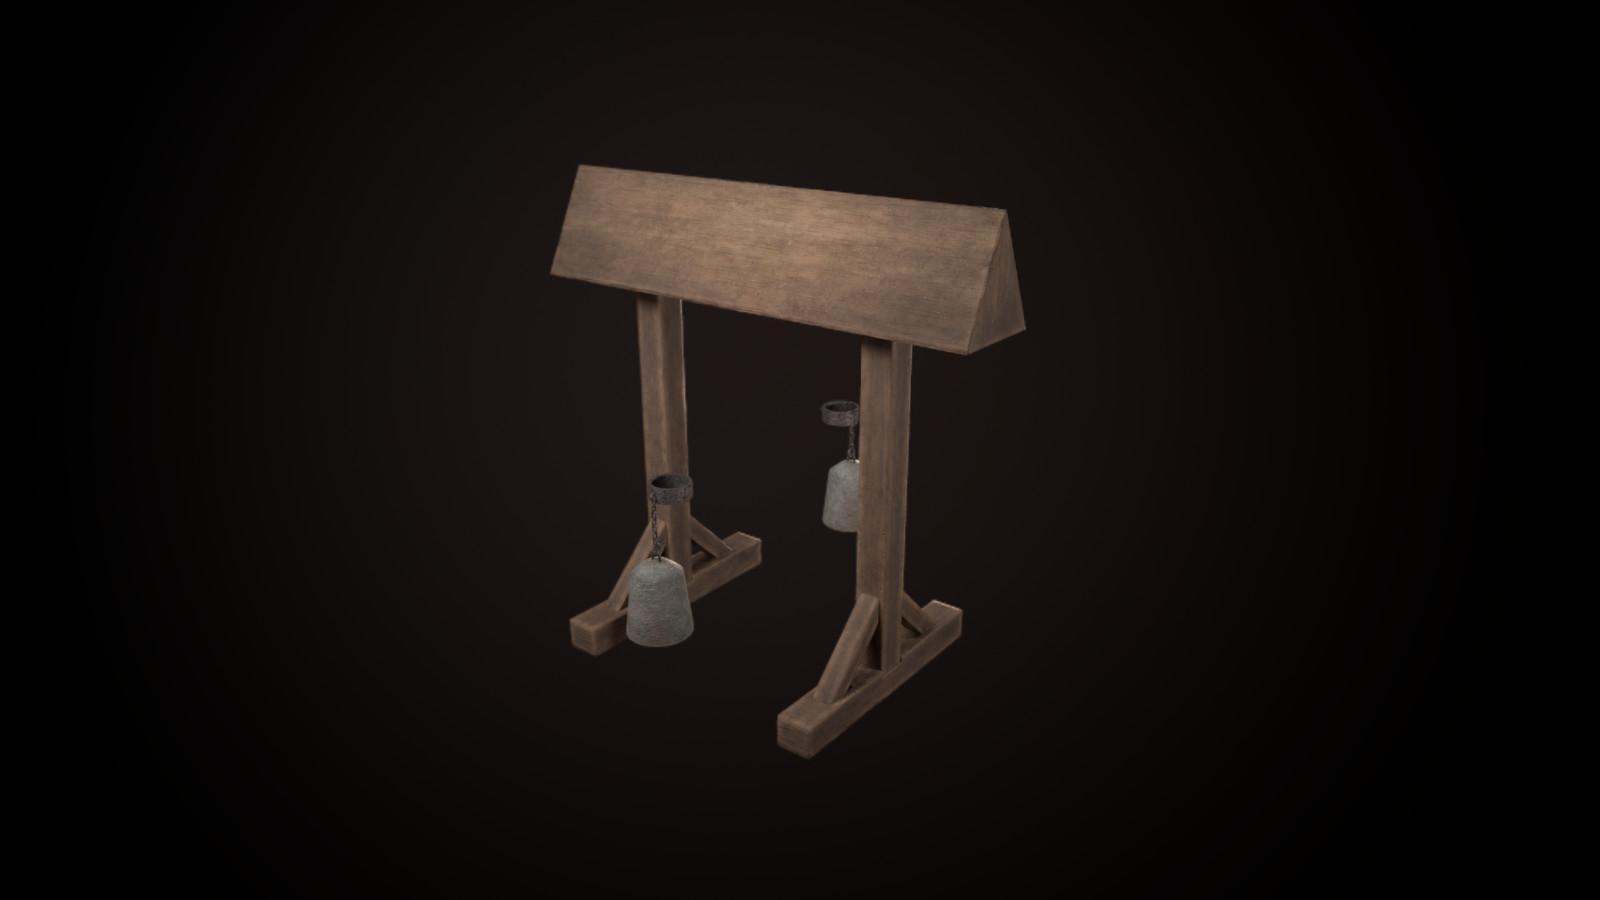 Wooden Horse - 3472 tris